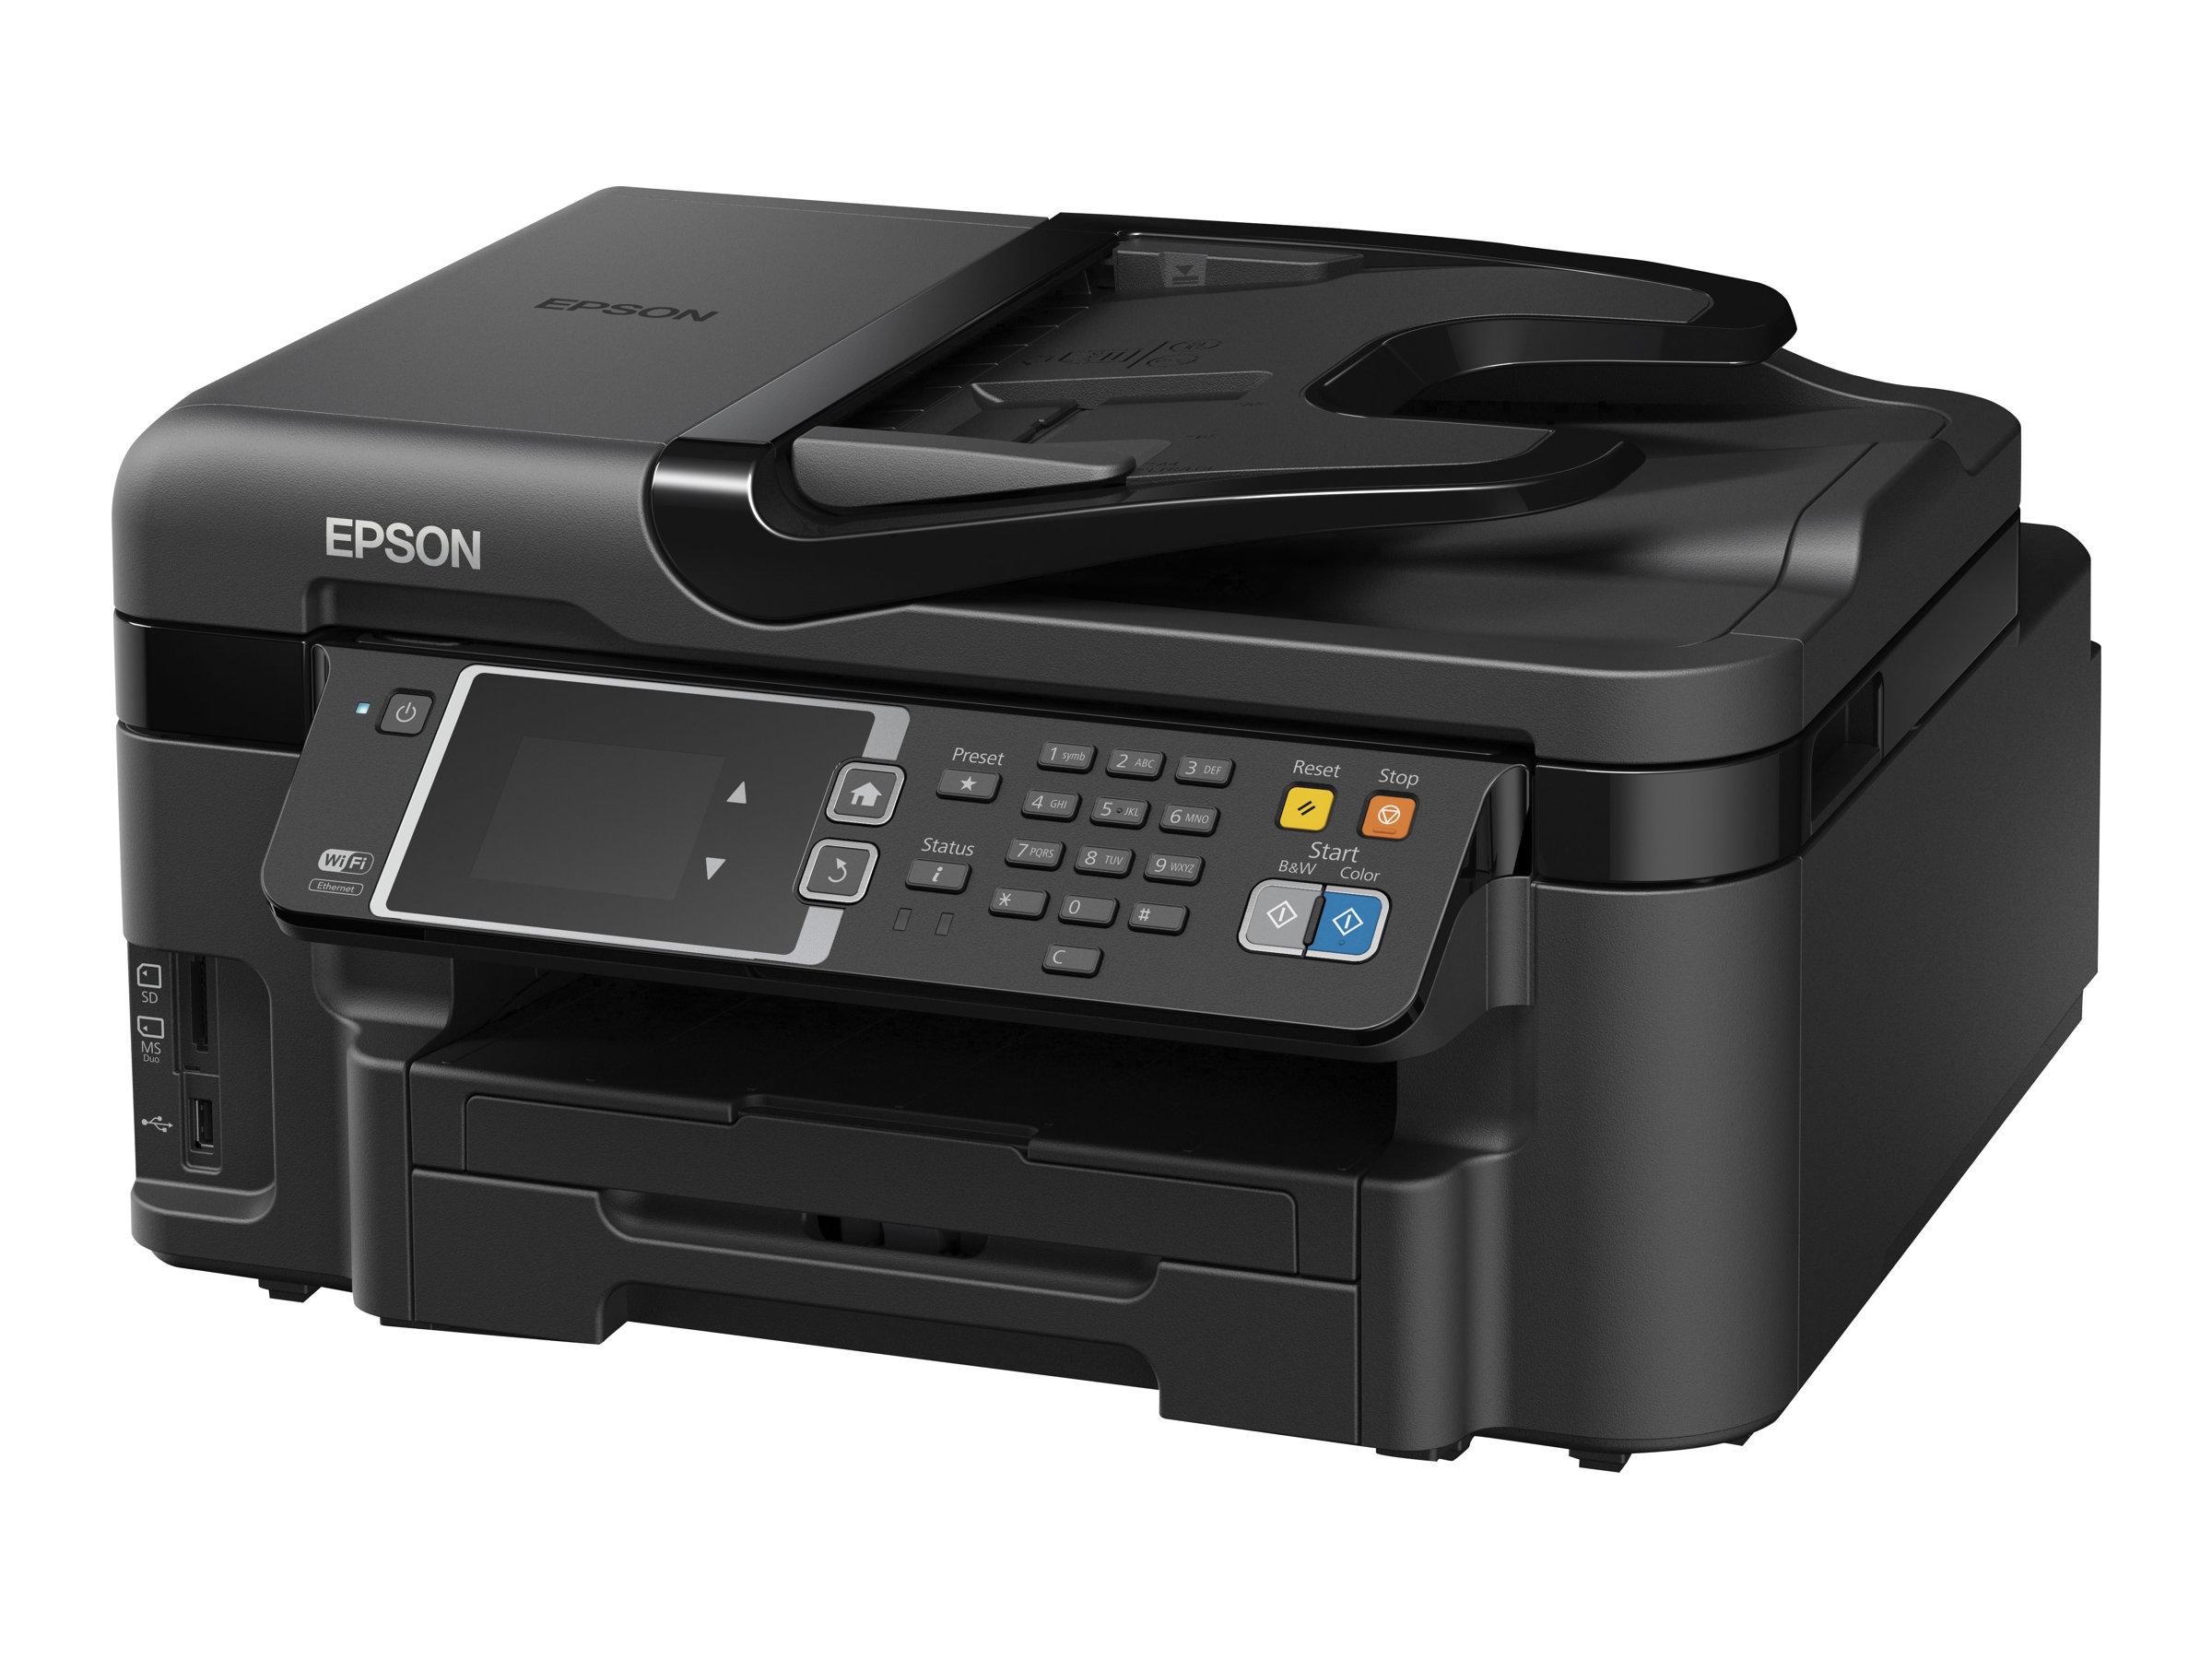 Epson WorkForce WF-3620DWF - Multifunktionsdrucker - Farbe - Tintenstrahl - A4/Legal (Medien) - bis zu 19 Seiten/Min. (Drucken)